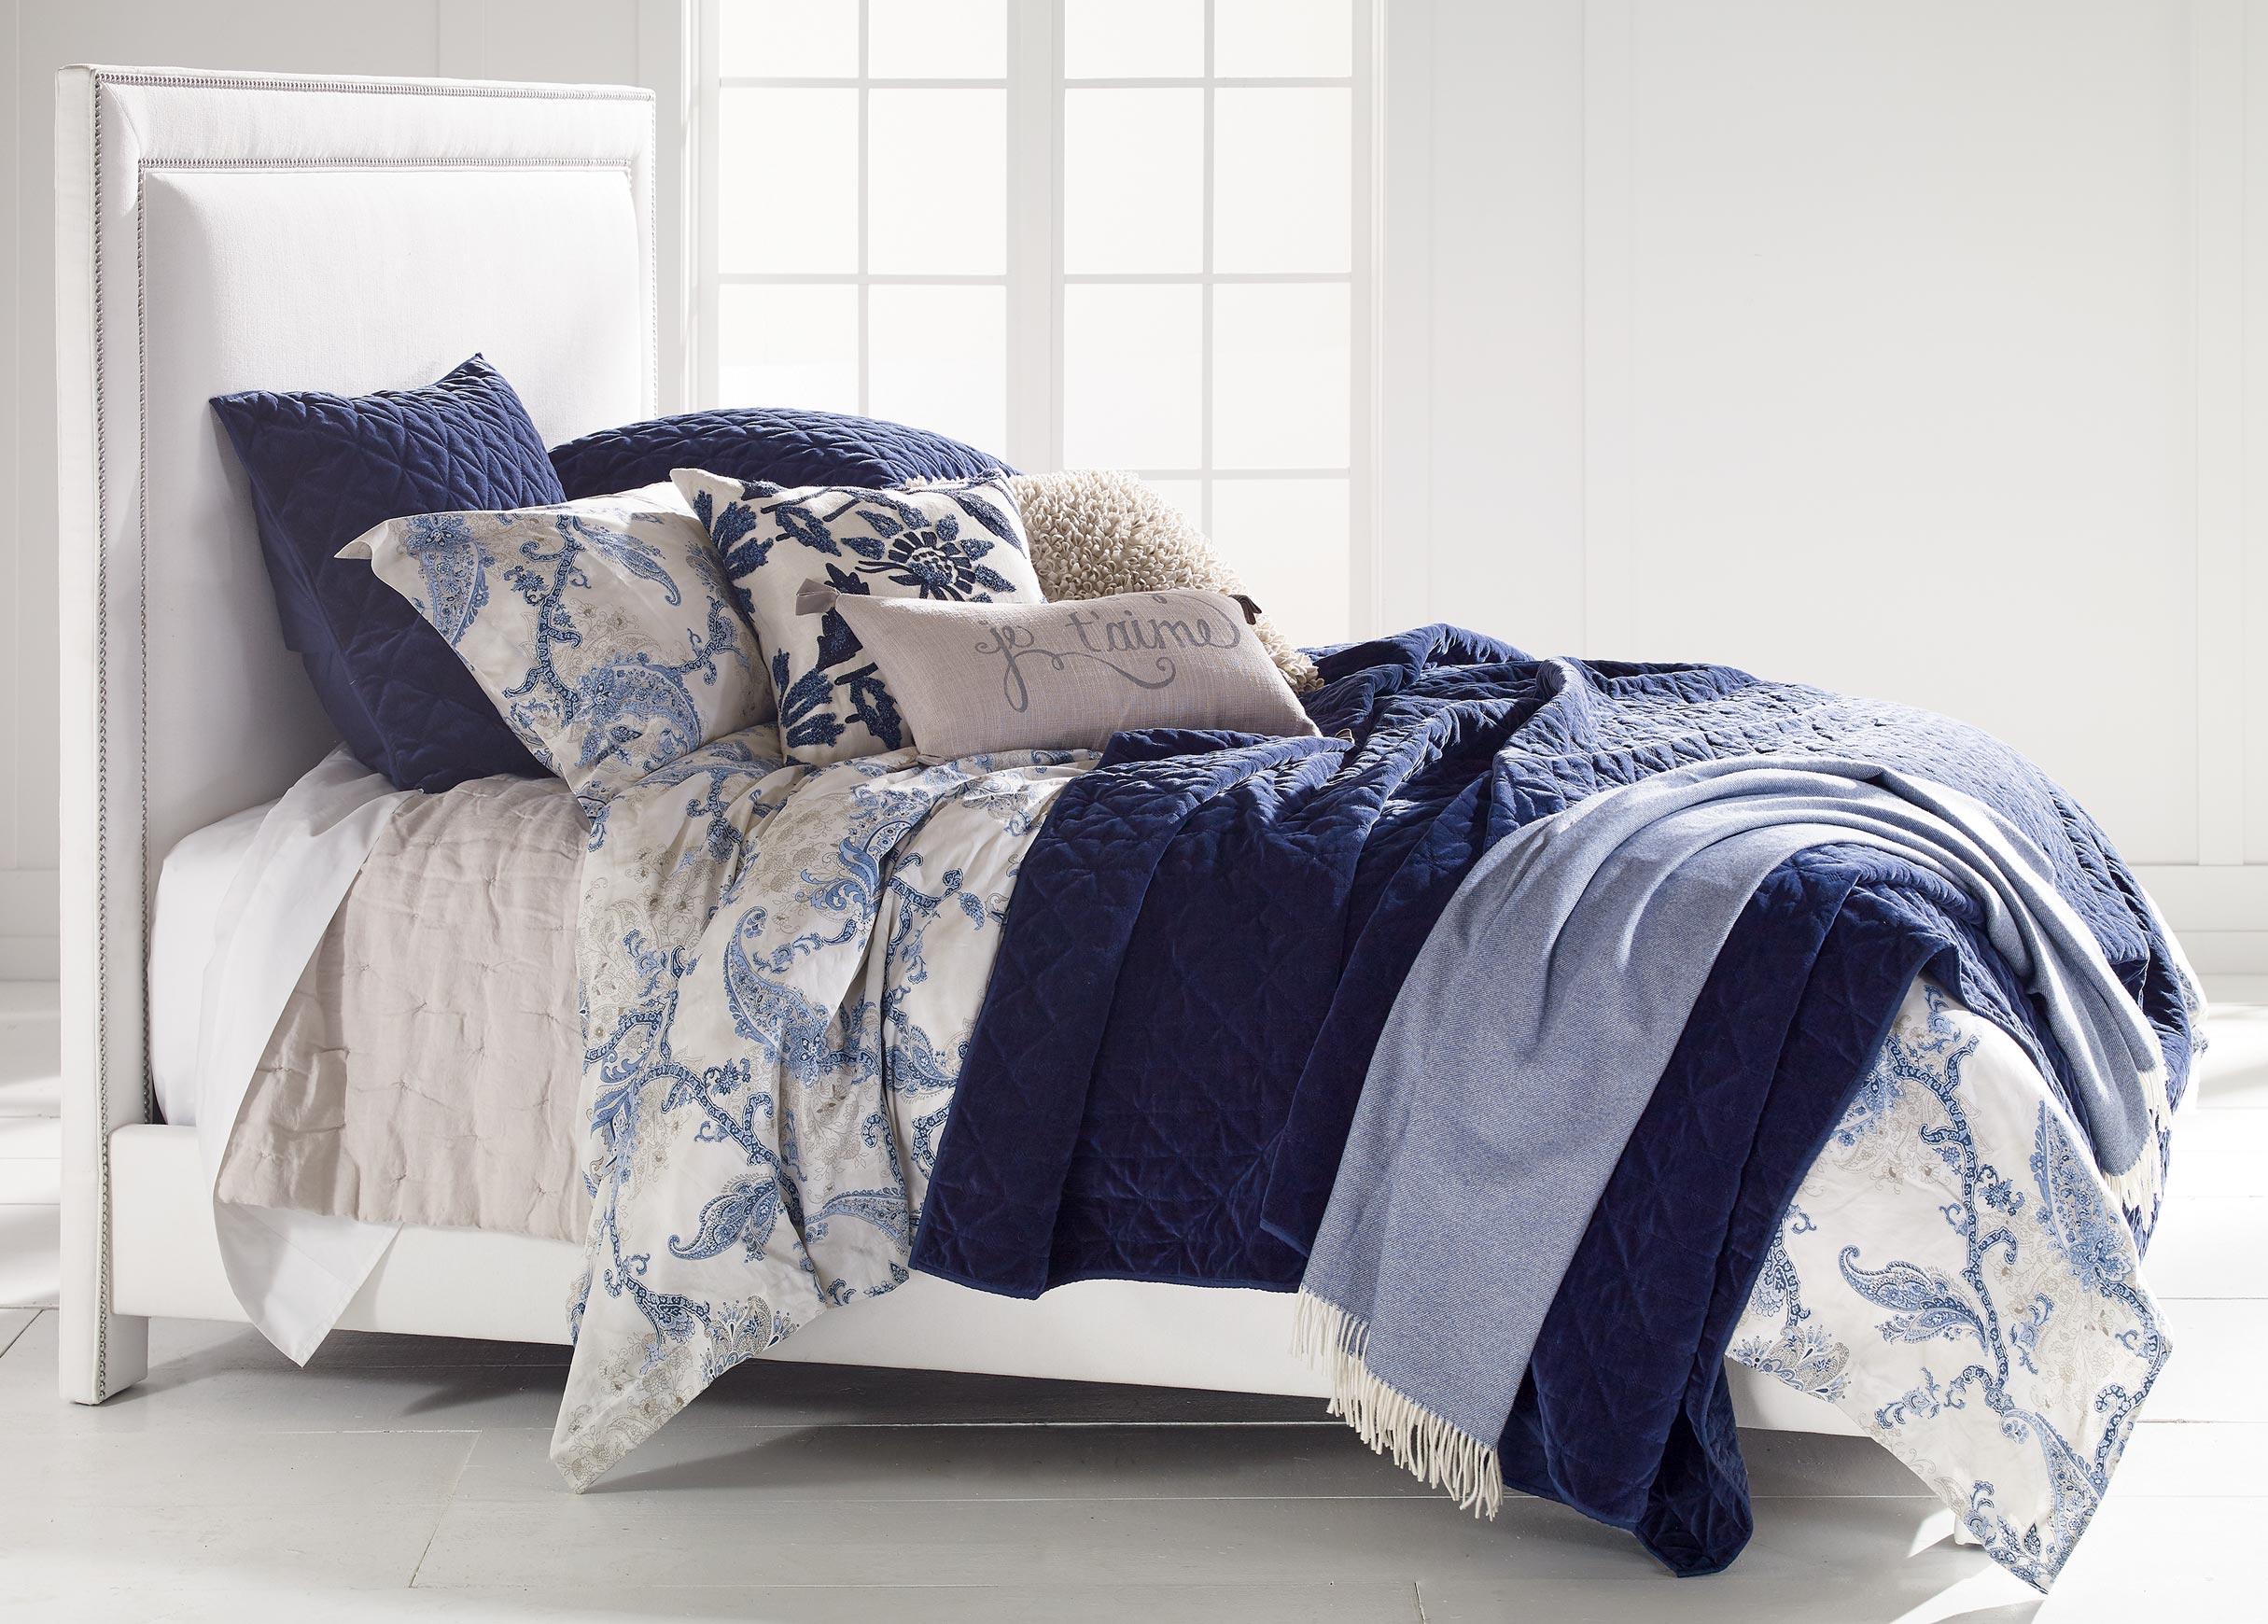 home cover wid ultra hei prod set duvet ienjoy comforter qlt premium p piece soft